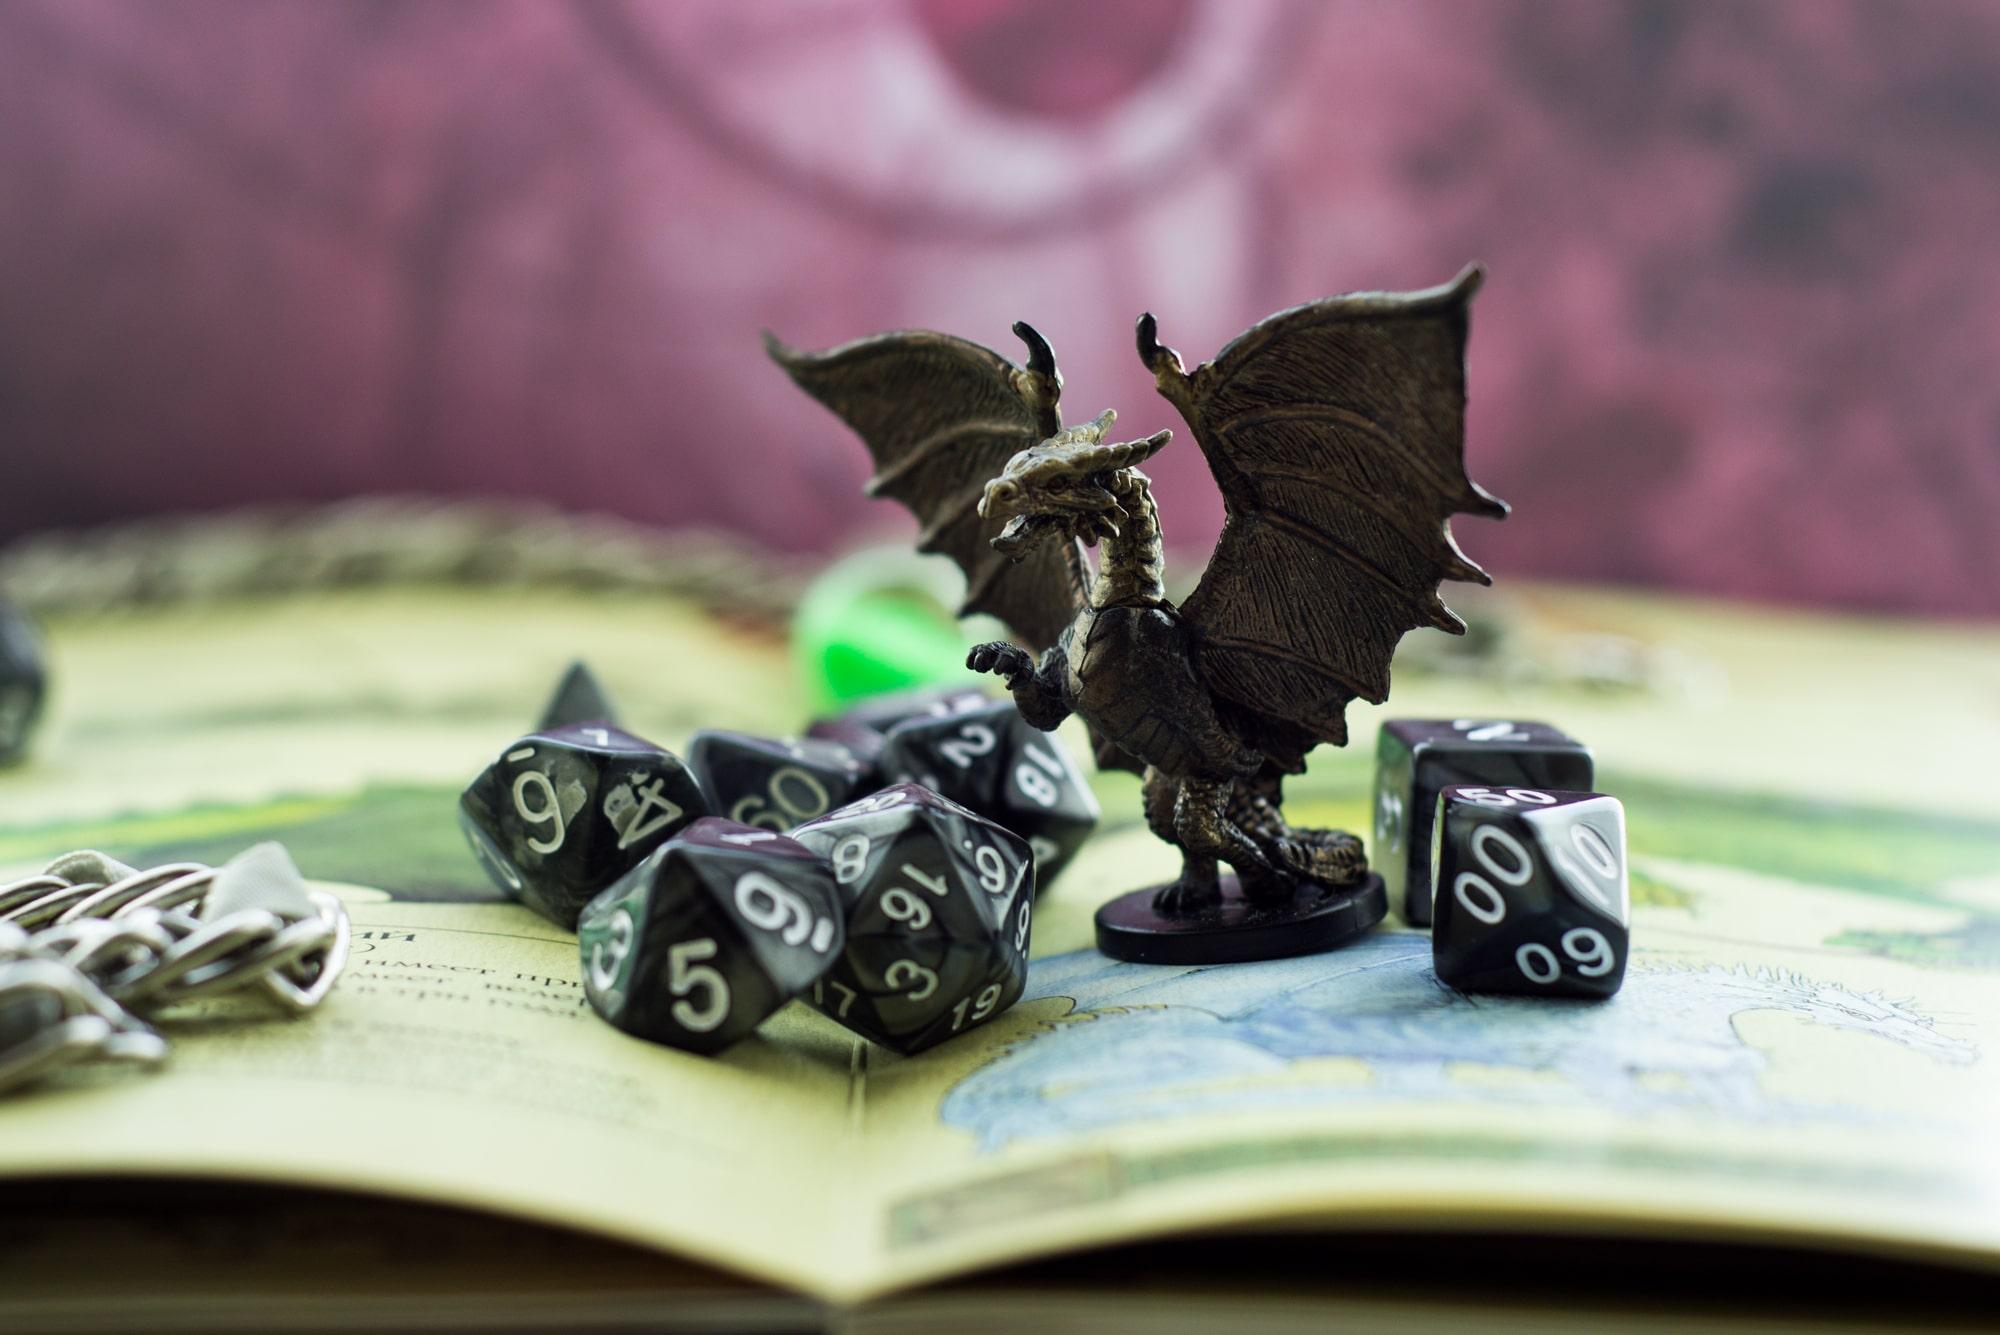 Сценарист «Джона Уика» снимет сериал по игре «Подземелья и драконы»